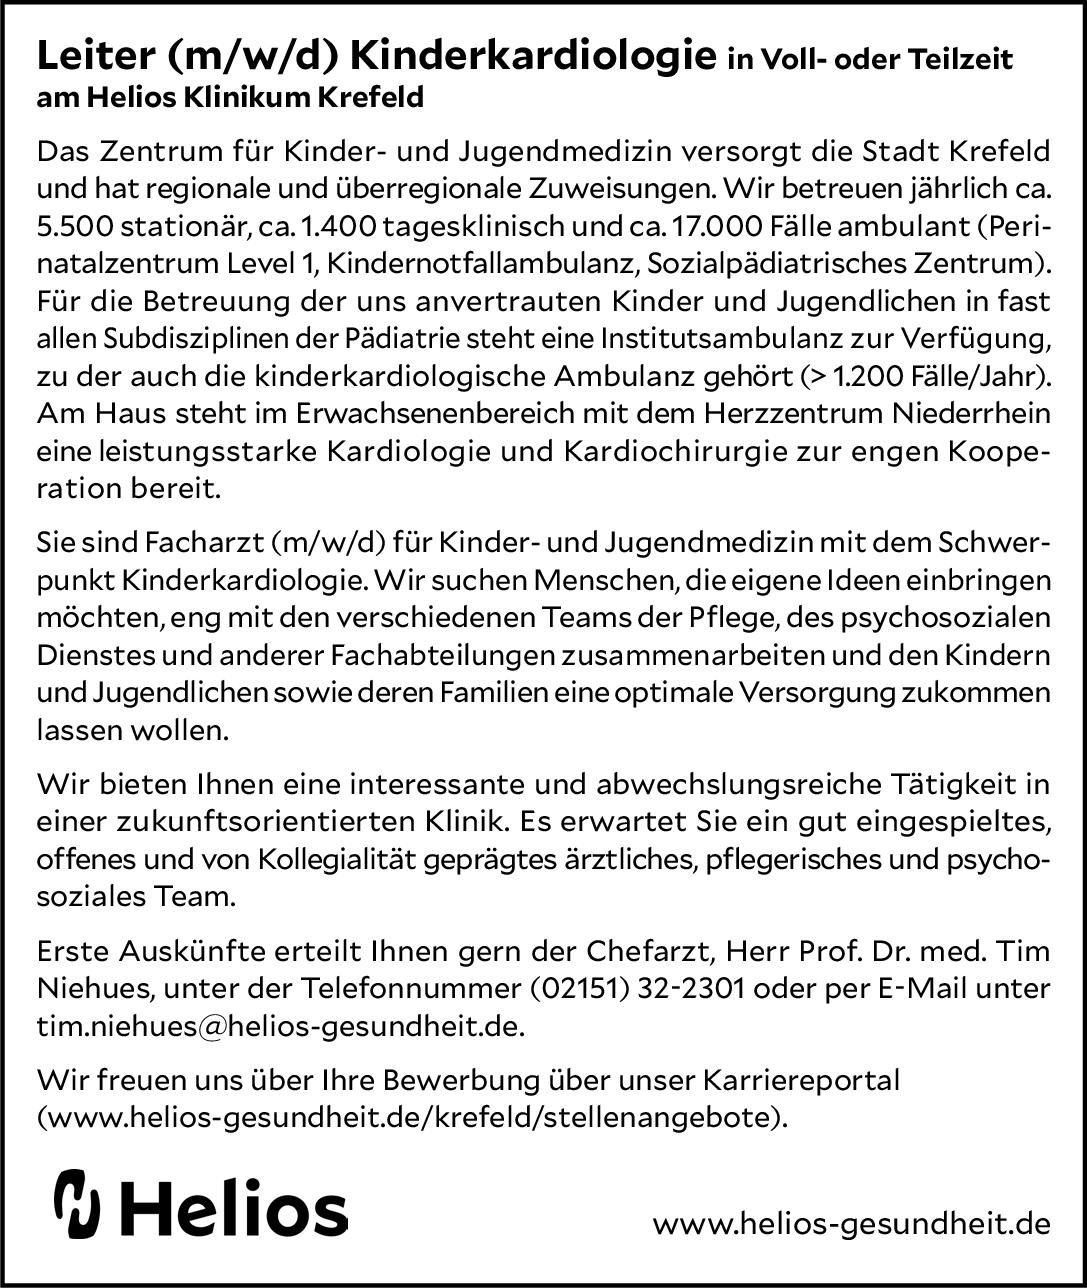 Helios Klinikum Krefeld Leiter (m/w/d) Kinderkardiologie  Kinderkardiologie, Kinder- und Jugendmedizin Arzt / Facharzt, Ärztl. Leiter